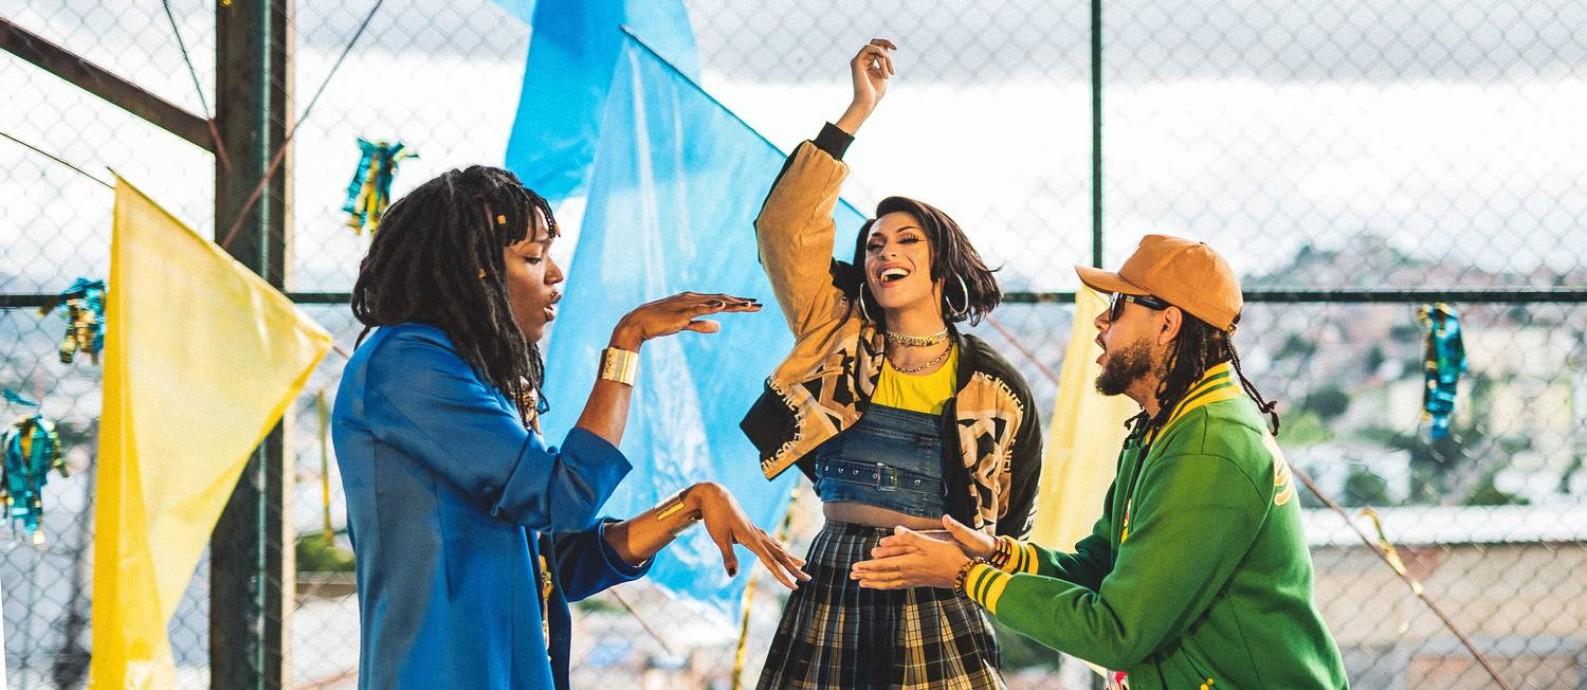 Majur, Pabllo Vittar e Emicida, em cena do clipe de 'AmarElo' Foto: Divulgação